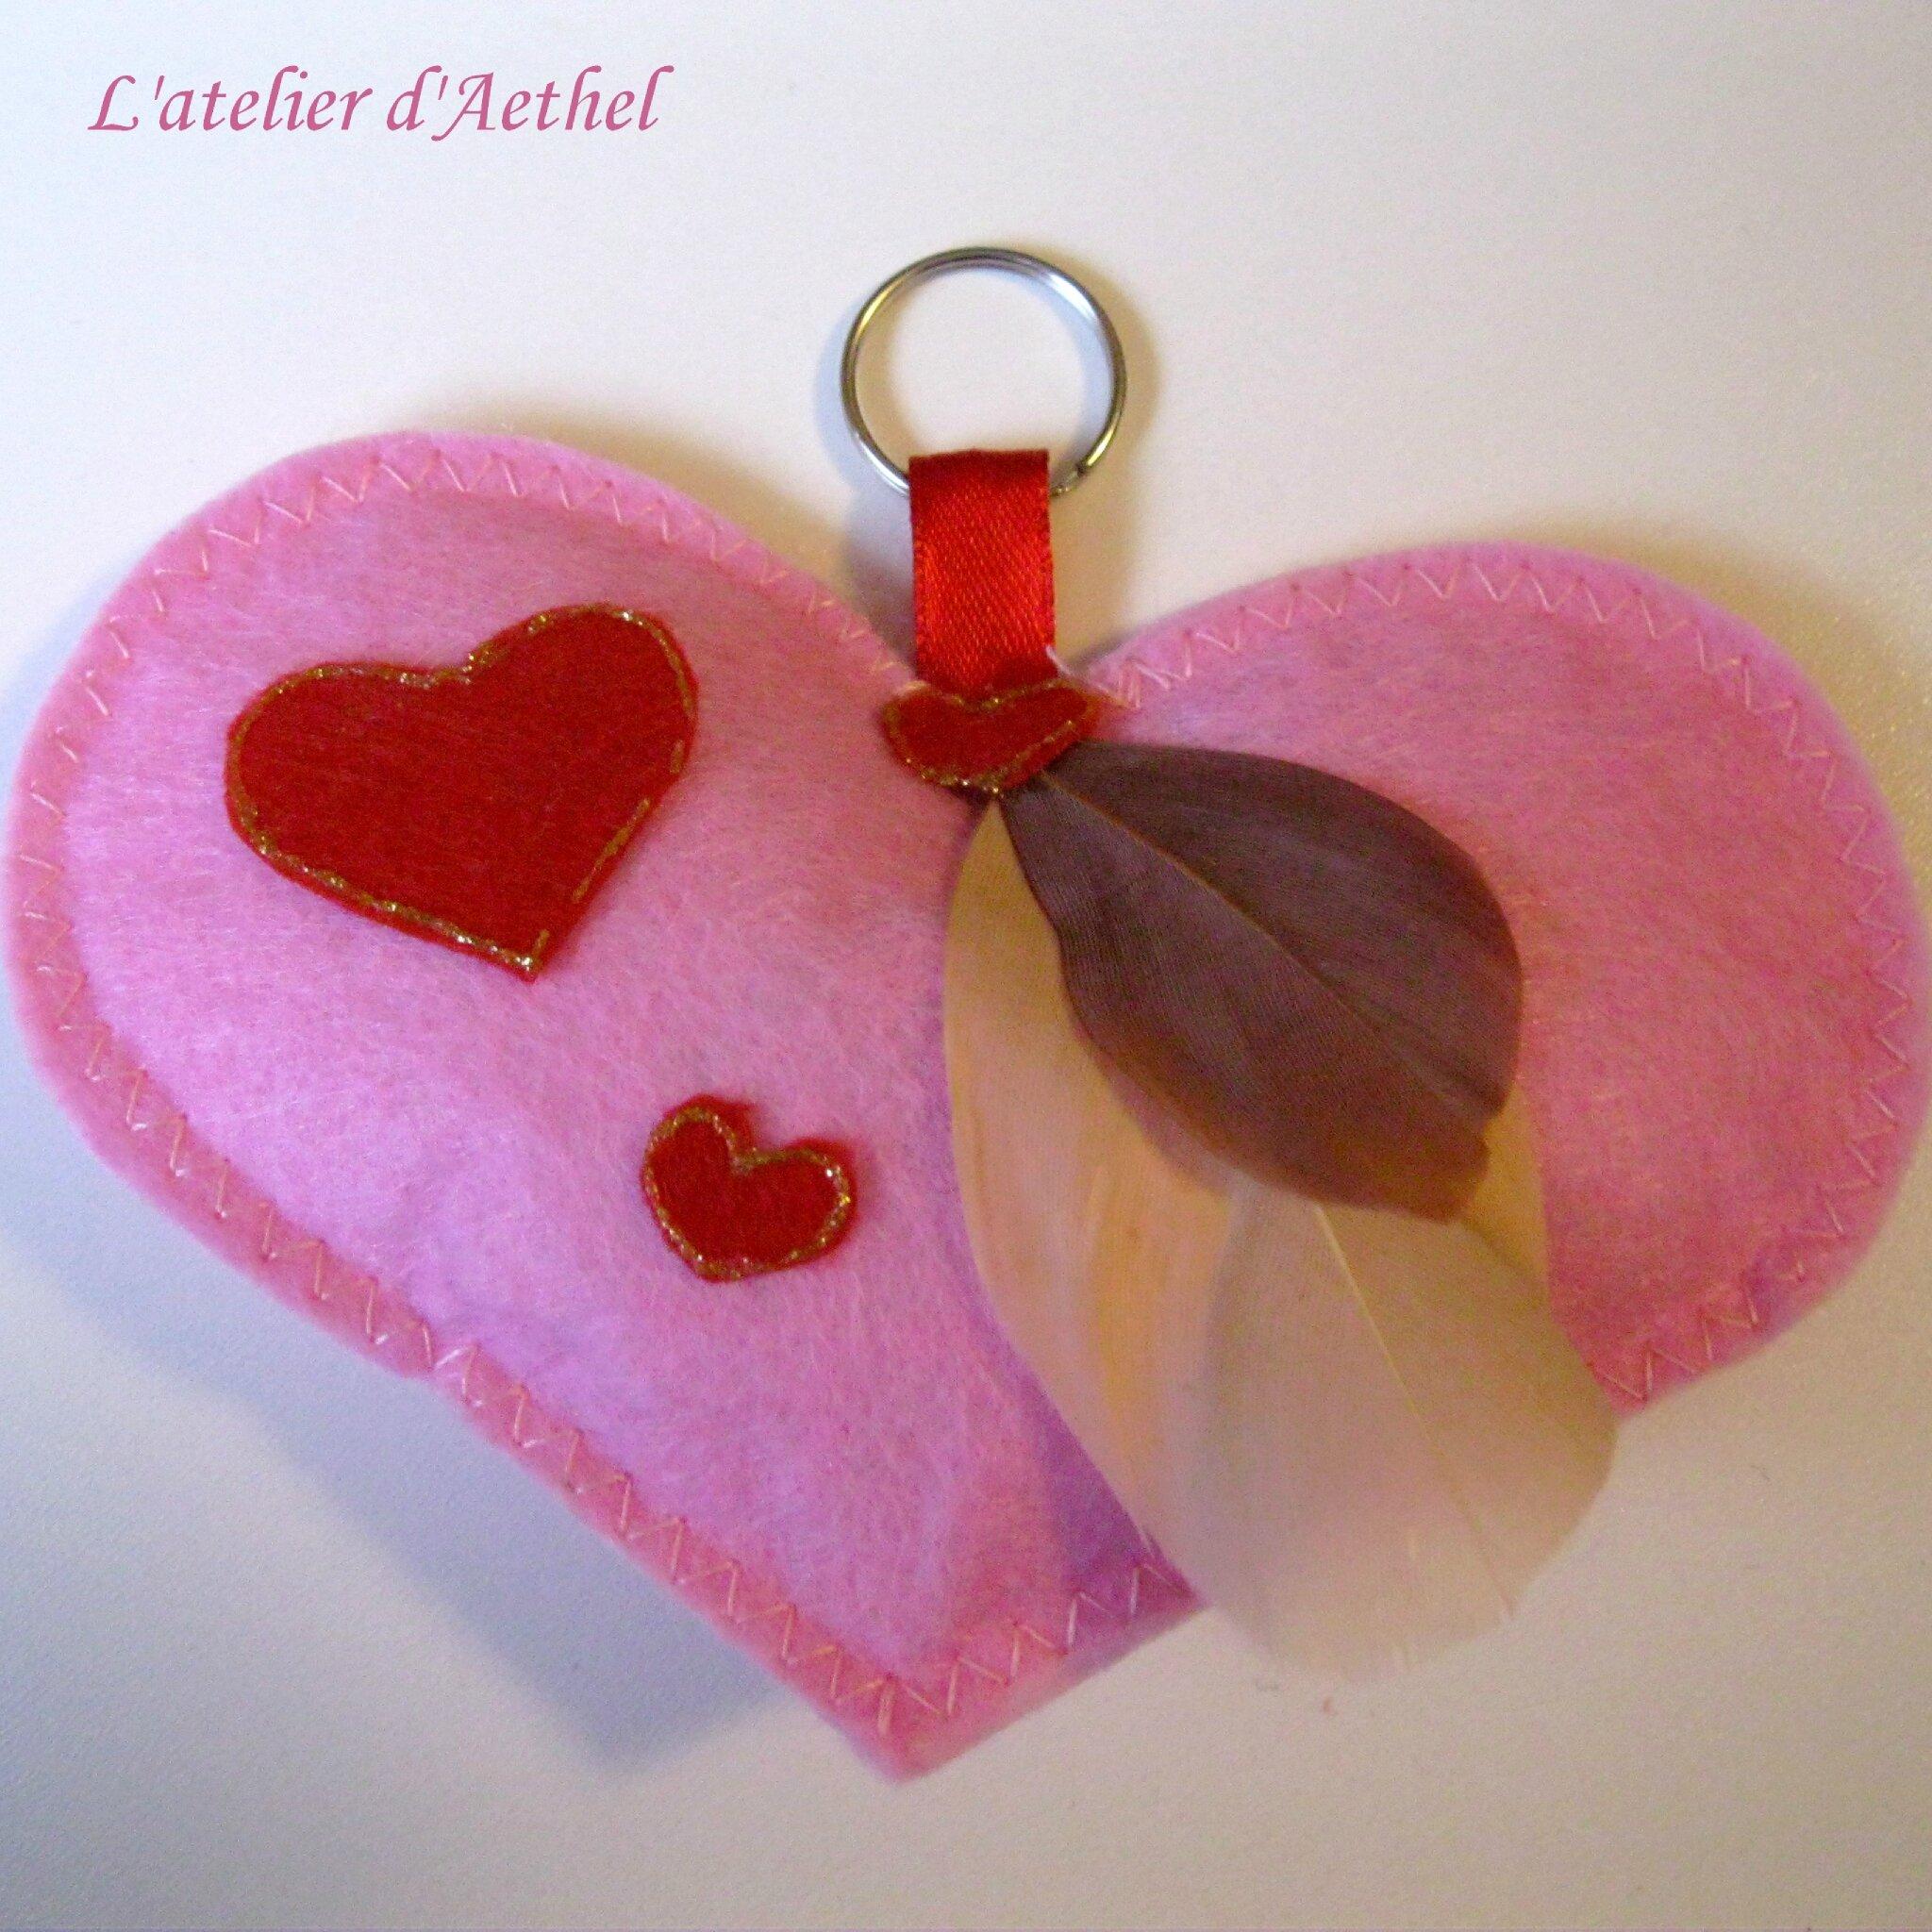 Coffret saint valentin rose : porte-clef, bourse avec petits bons et carte personnalisée